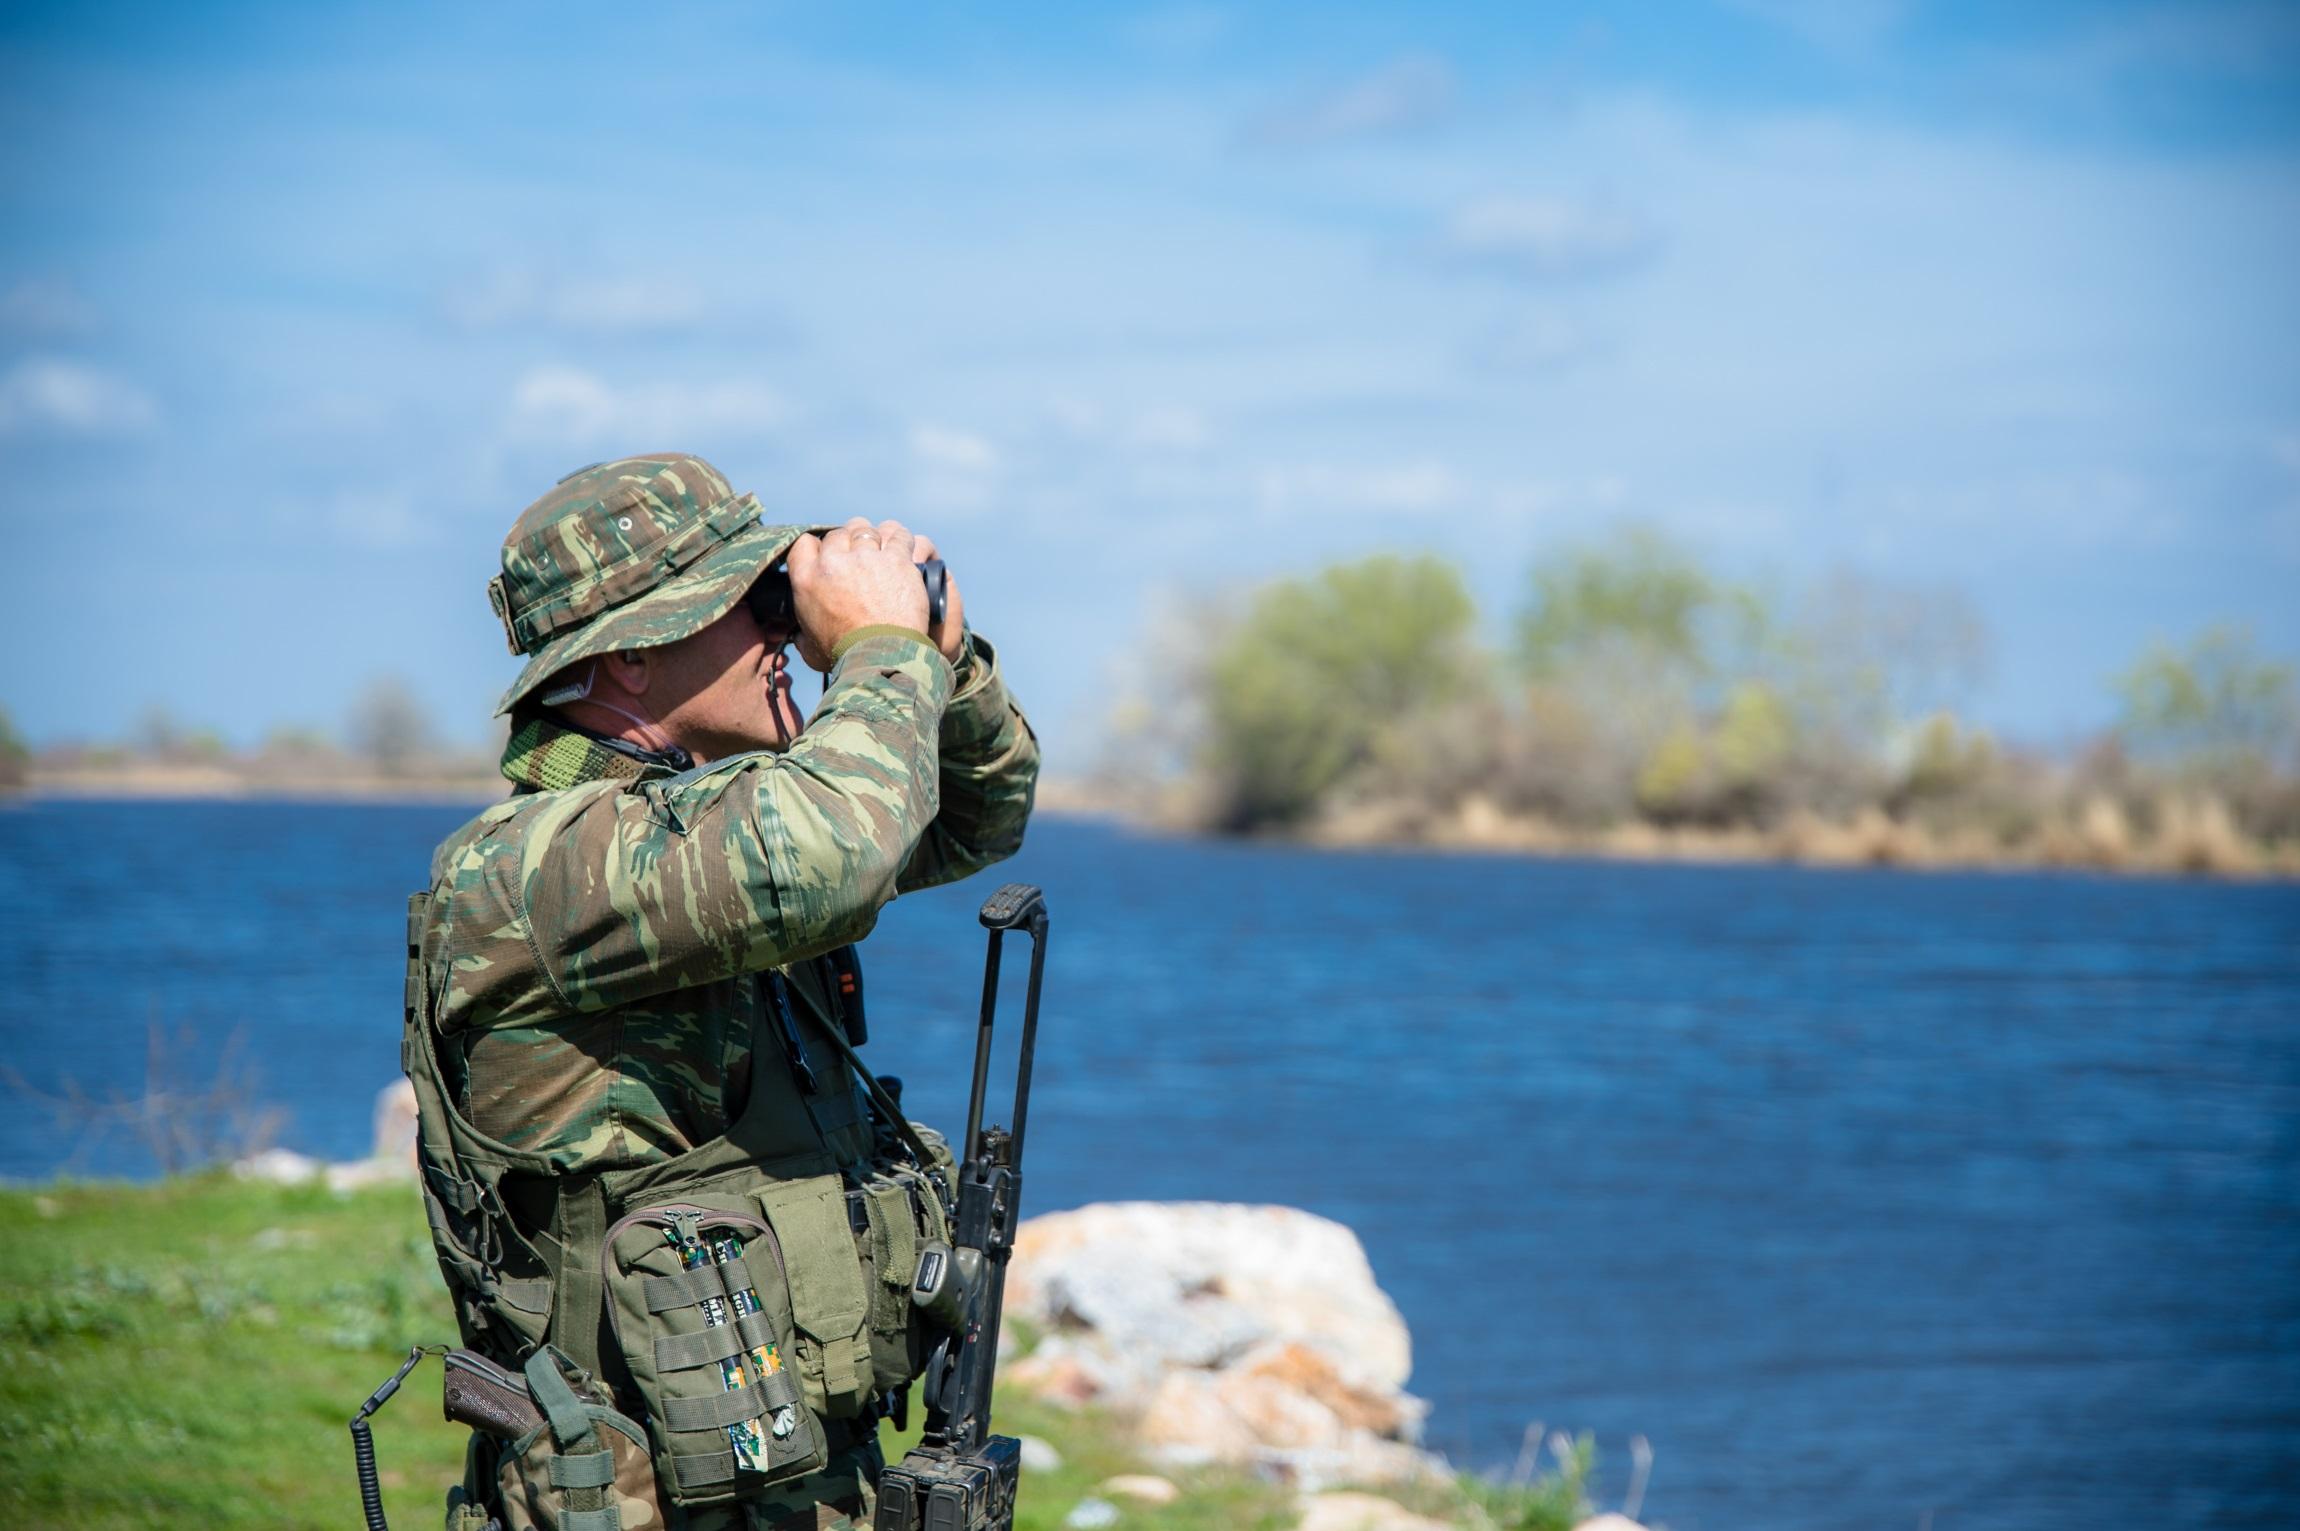 Στρατός Ξηράς: Προκήρυξη για 160 οπλίτες! Ποια τα απαιτούμενα προσόντα